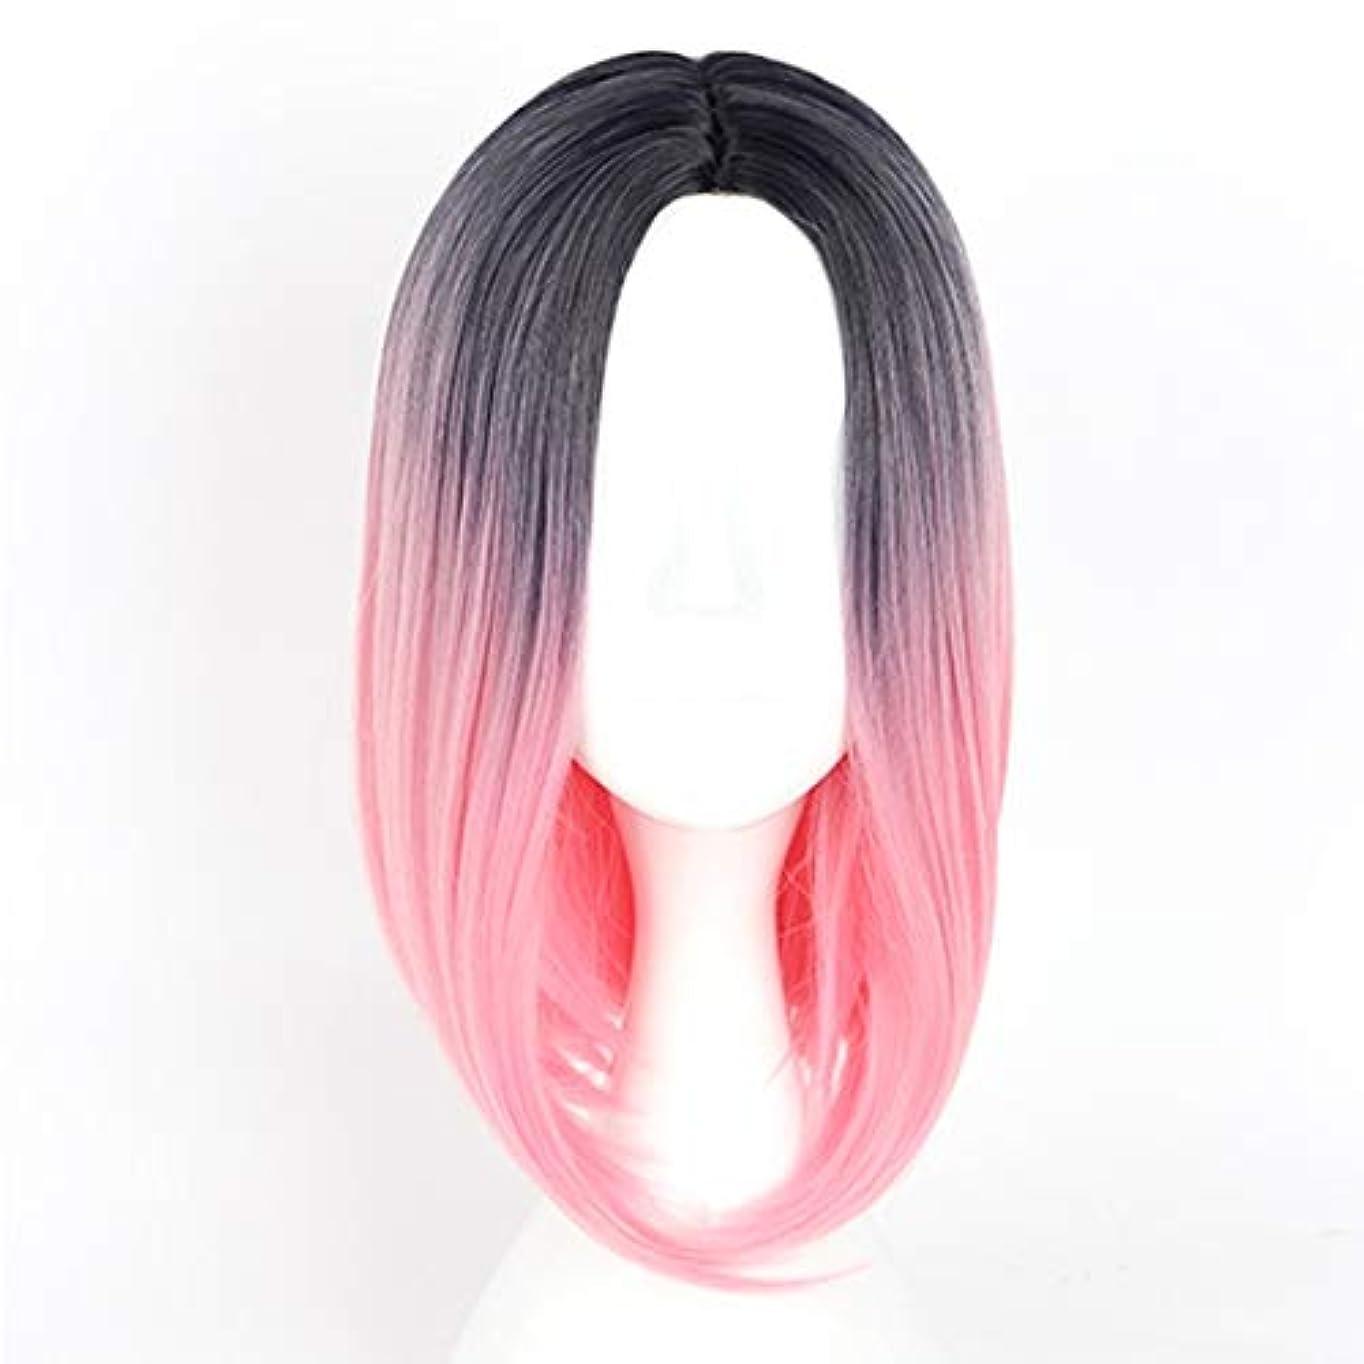 きゅうり手術虐殺JIANFU レディーカラーボボヘッドウィッグヨーロッパとアメリカショートヘアウェーブヘッド染色されたグラデーションウィッグ (Color : Buckle net black+pink)